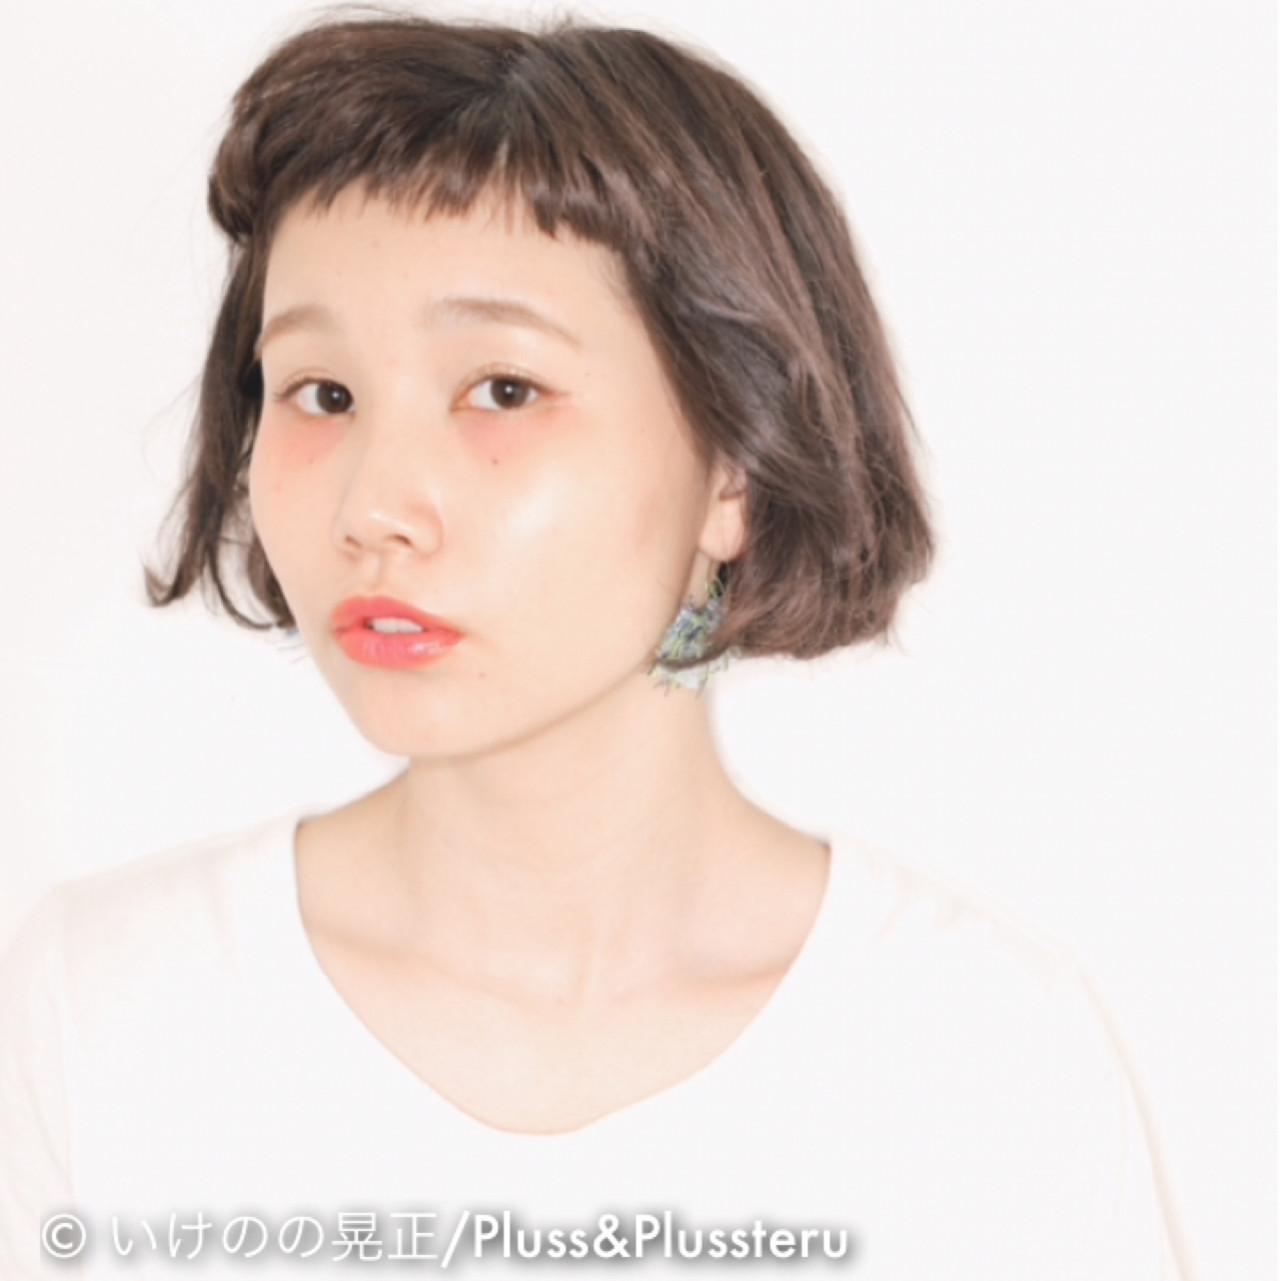 ショート イルミナカラー オン眉 暗髪 ヘアスタイルや髪型の写真・画像   いけのの晃正/Pluss&Plussteru / Pluss trey biyousitsu